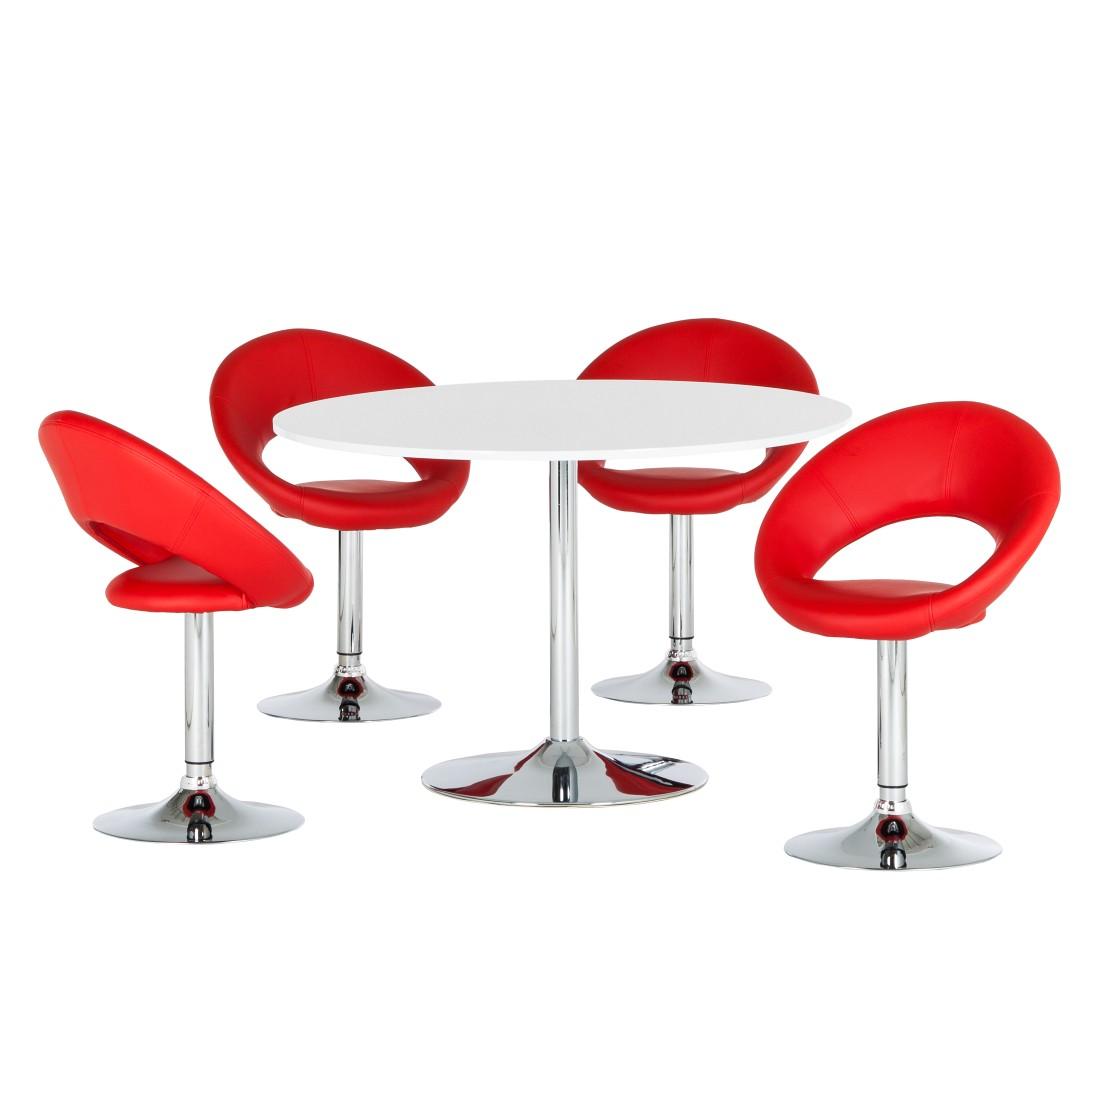 essgruppe keene 5 teilig hochglanz wei kunstleder rot. Black Bedroom Furniture Sets. Home Design Ideas